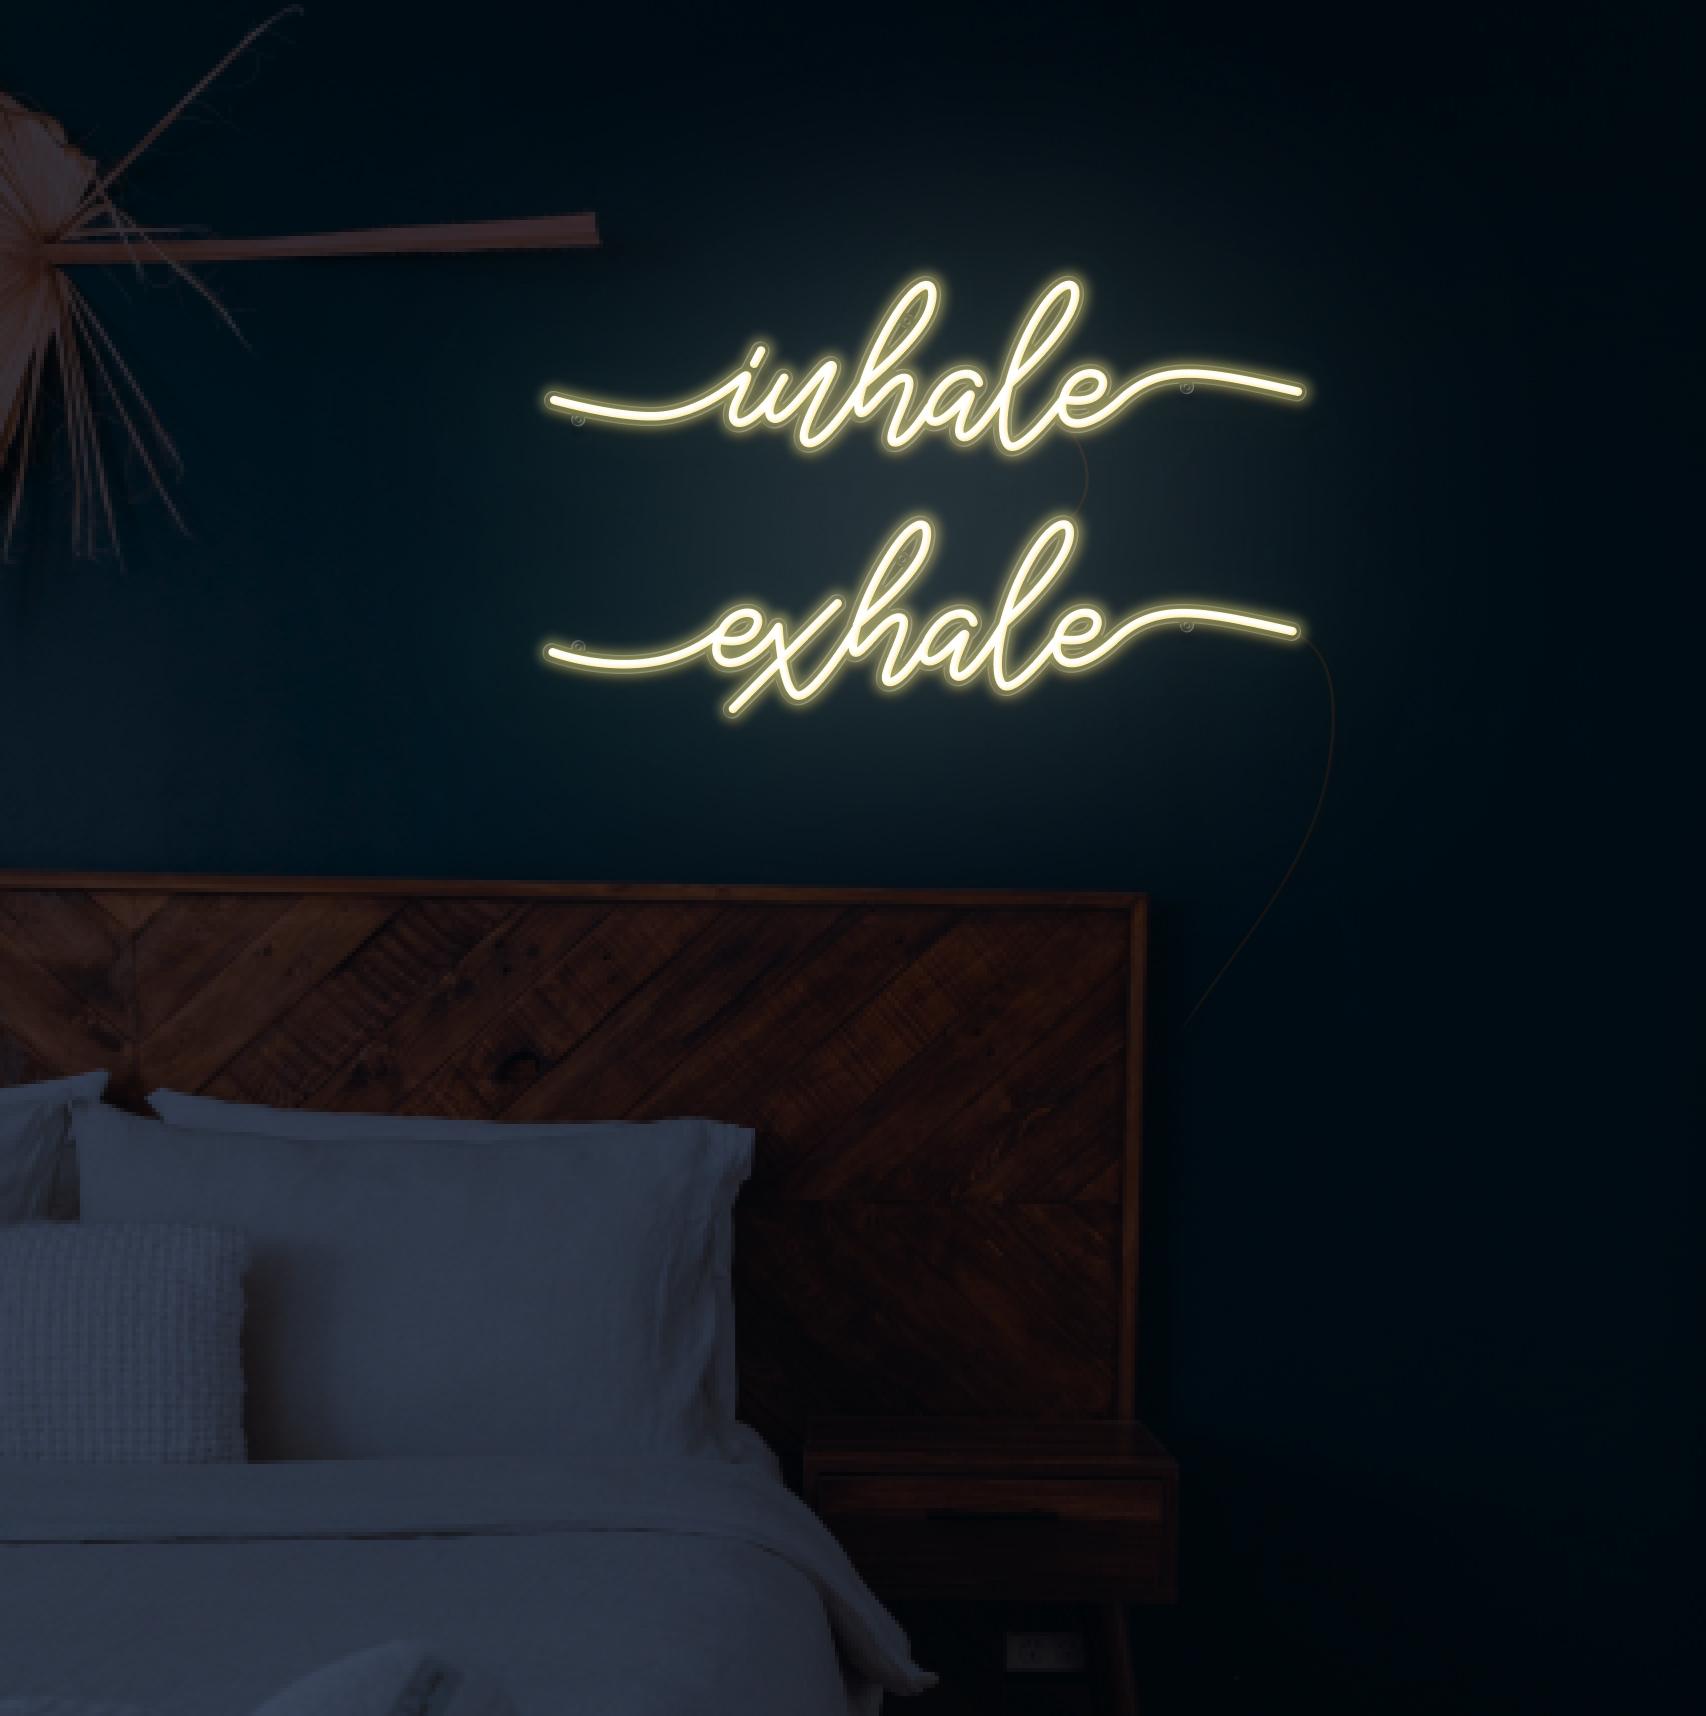 Inhale exhale neon light